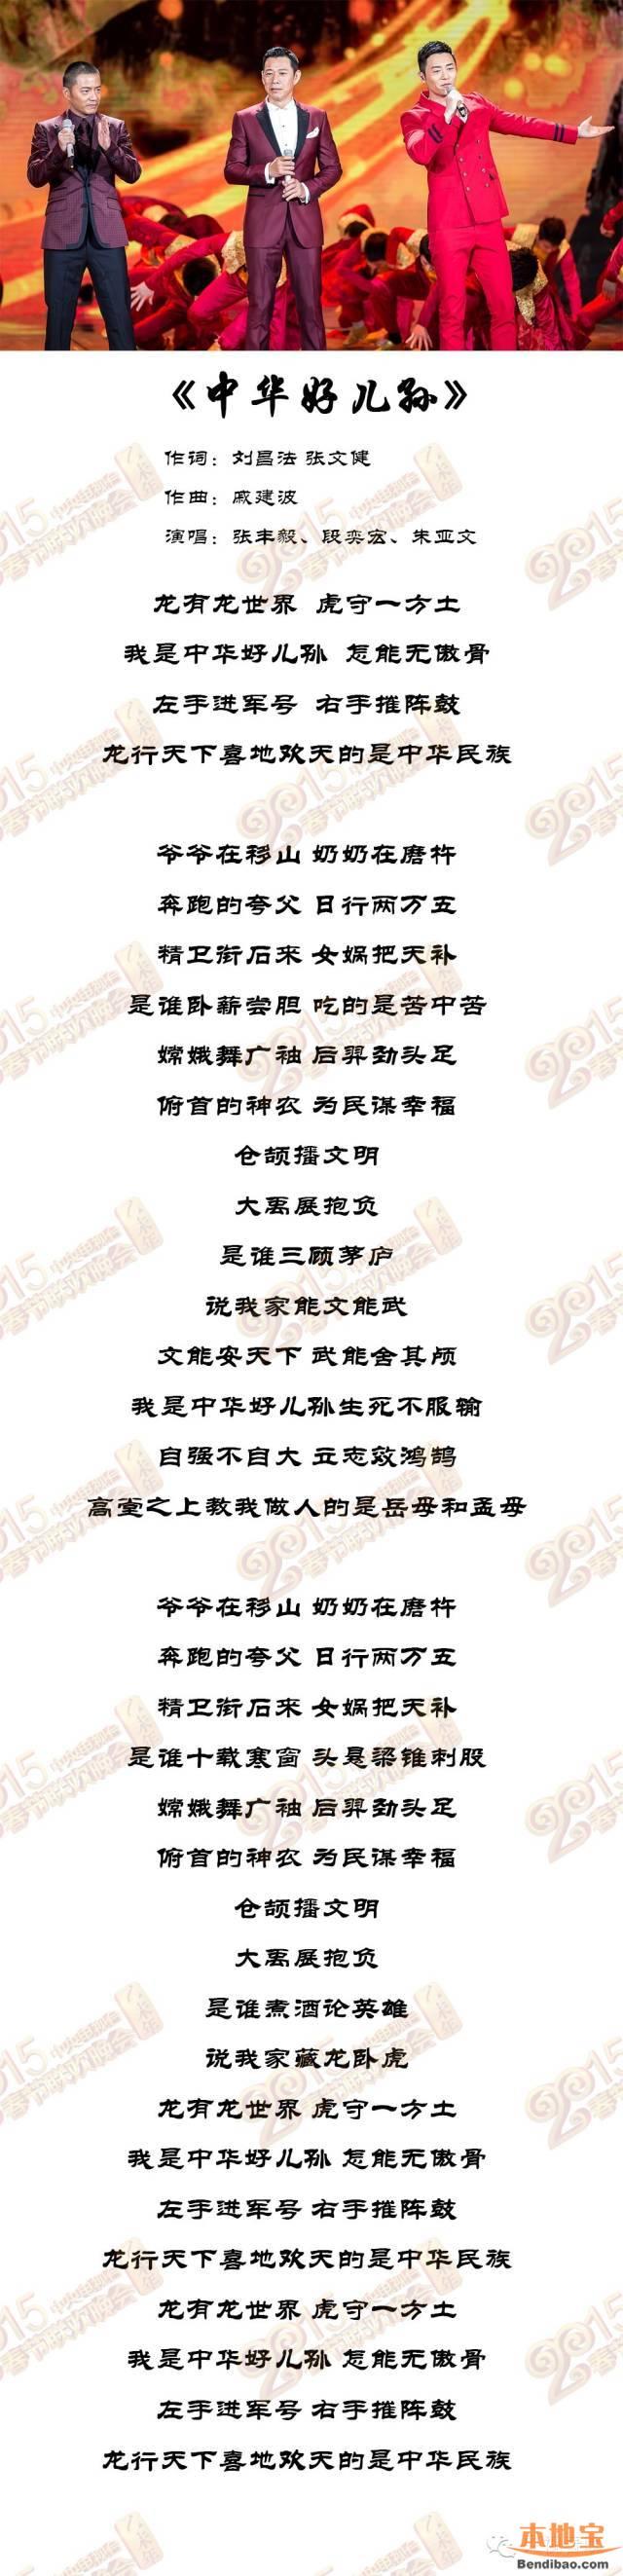 中华好儿孙的歌曲歌词